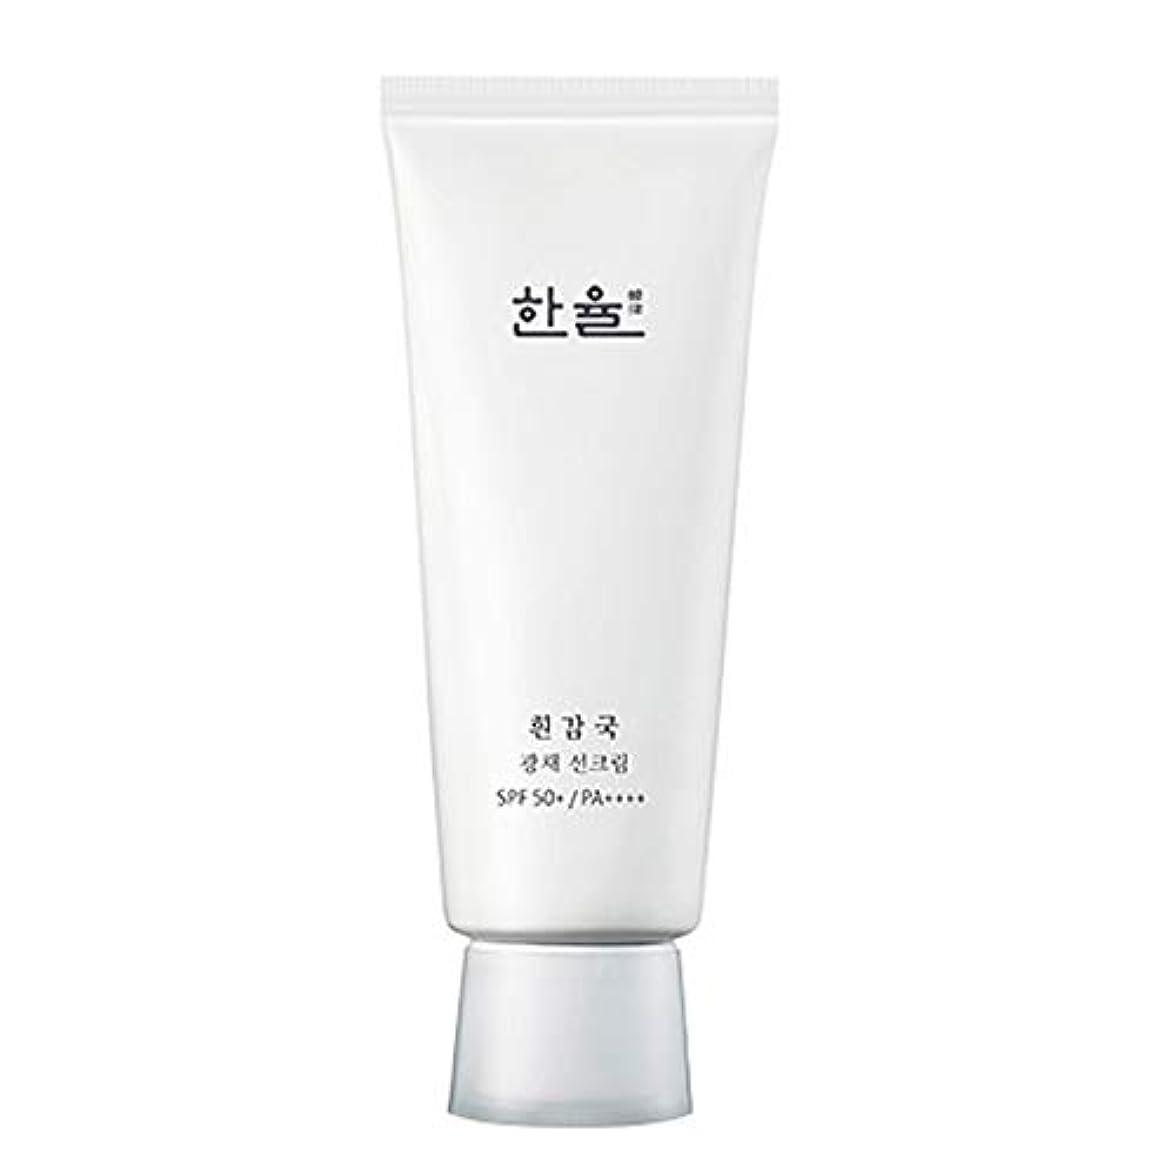 値取り出す不道徳[HANYUL] ハンユル 白いガムグク輝きサンクリーム 70ml SPF50+ PA++++ White Chrysanthemum Radiance Sunscreen cream